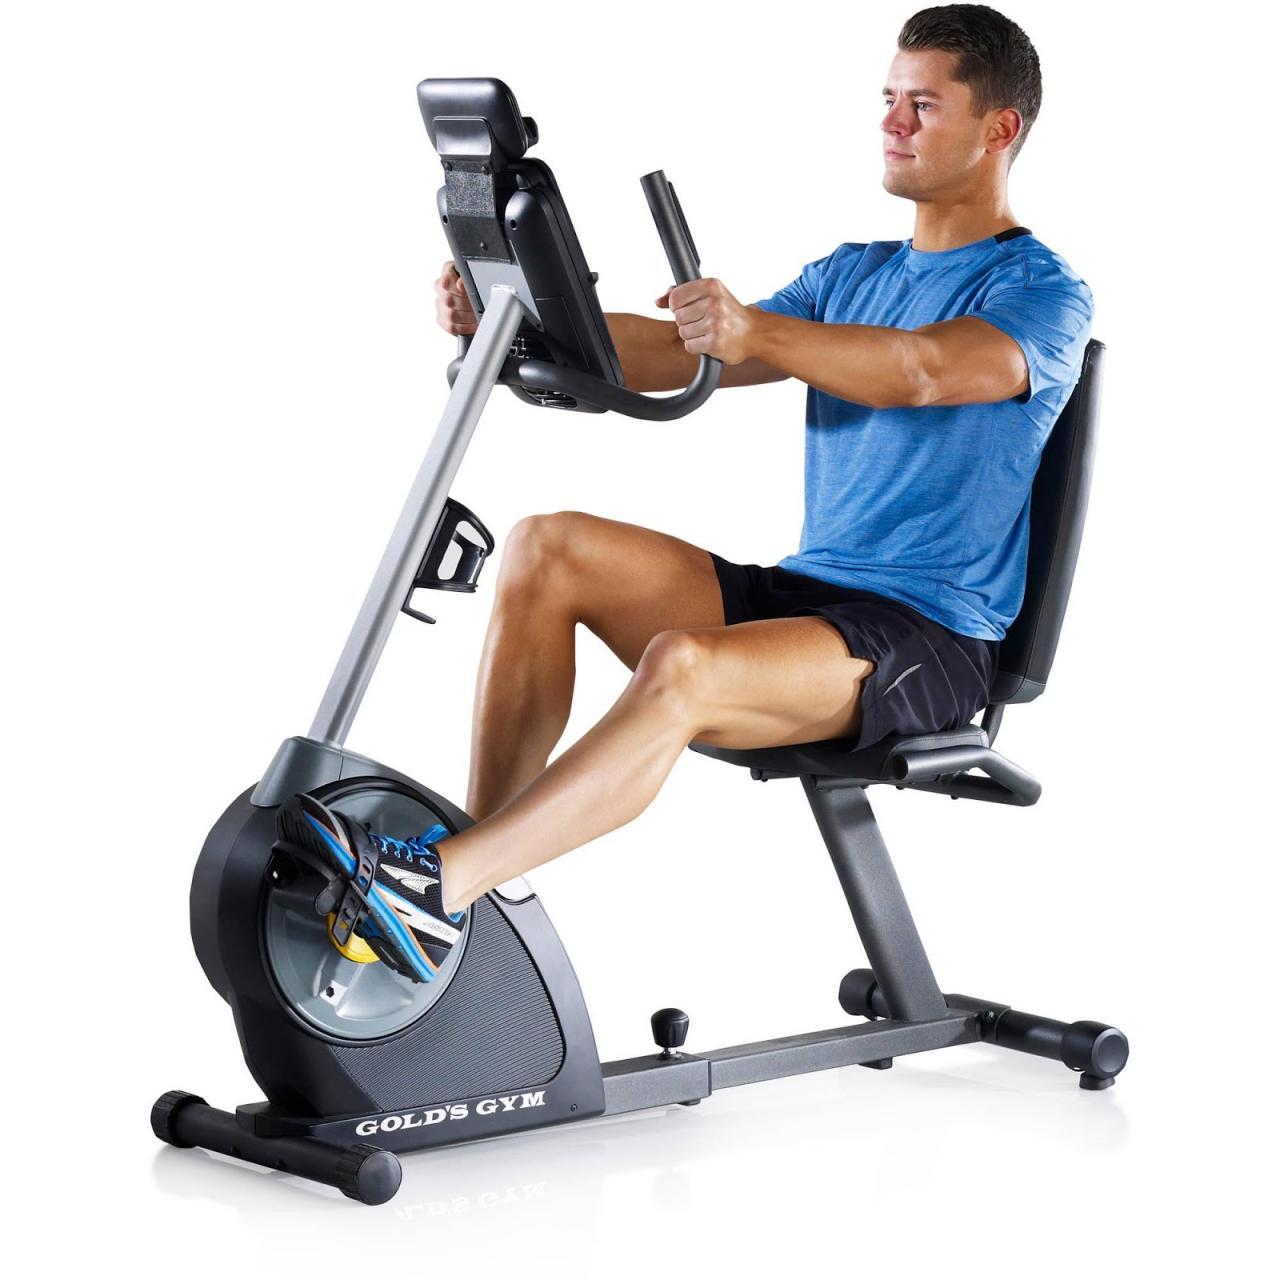 بالصور اسماء اجهزة الجيم , الاجهزه الرياضيه واستخدامها 2473 3